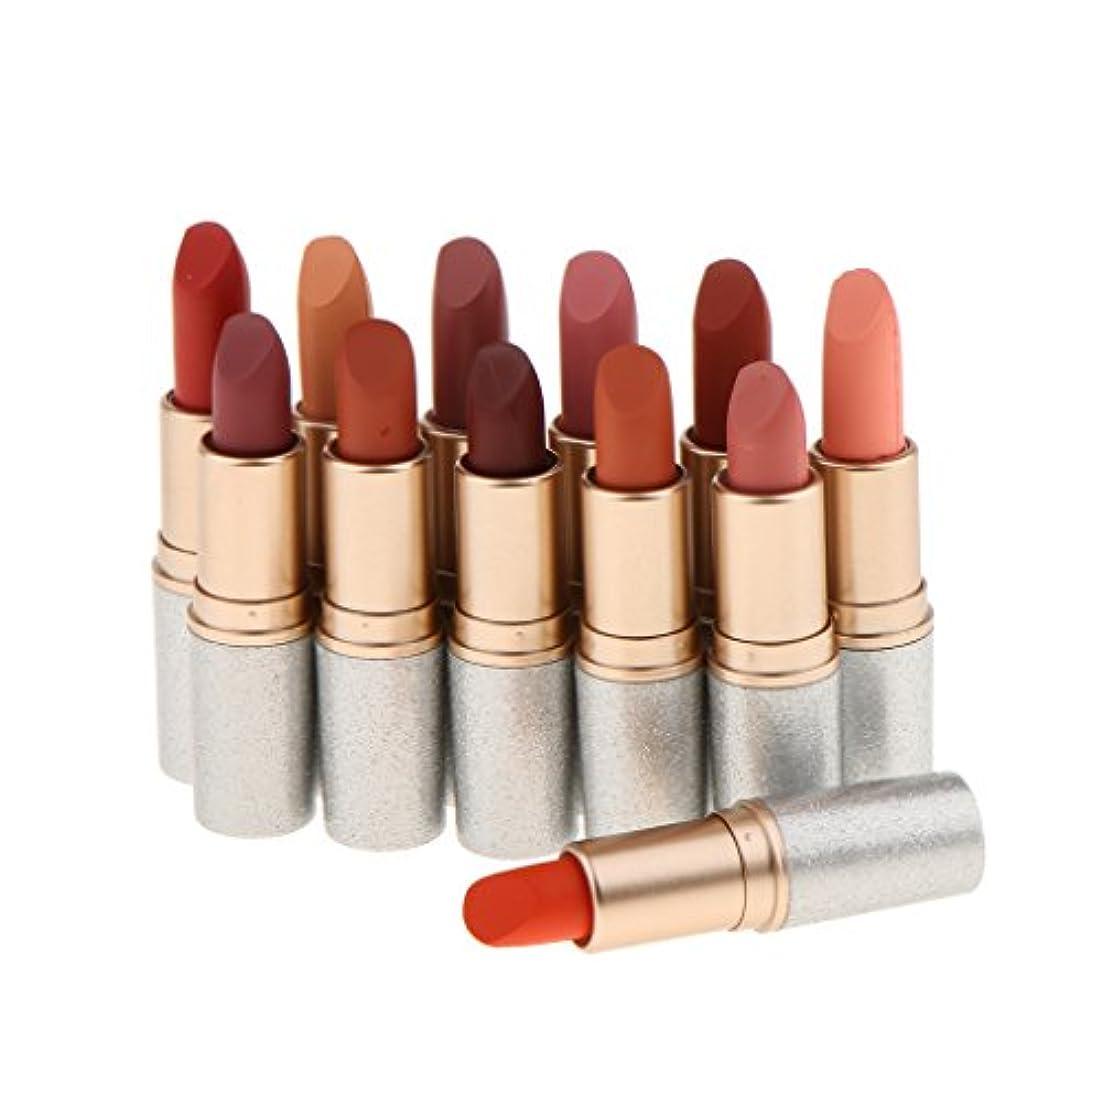 本土鉛筆参加するベルベットマット 口紅 リップグロス リップスティック 唇メイク 人気色 12色セット コスメ 防水 長持ち